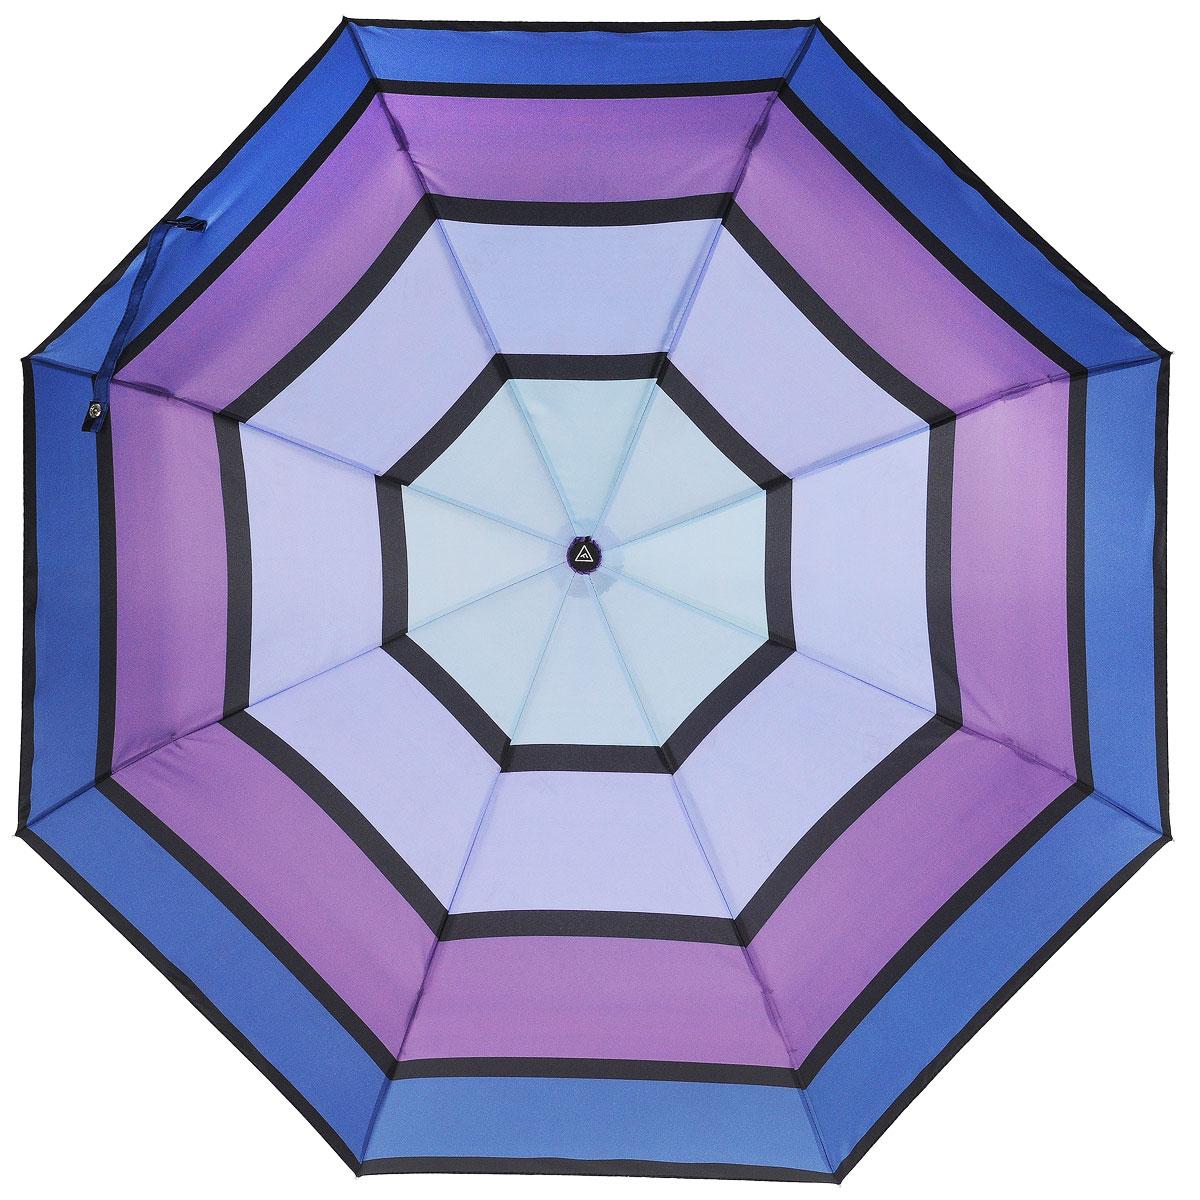 Зонт-автомат женский Fabretti, 3 сложения, цвет: сиреневый, фиолетовый, синий. L-15113-4Fabretti L-15113-4Классический зонт торговой марки Fabretti, выполненный из качественных материалов, идеально подойдет для девушек и женщин любых возрастов. Купол зонтика изготовлен из полиэстера, обработанного водоотталкивающей пропиткой, и оформлен принтом в виде полоски. Каркас зонта выполнен из восьми металлических спиц, стержня и ручки с полиуретановым покрытием, разработанной с учетом требований эргономики. Зонт оснащен полным автоматическим механизмом в три сложения. Купол открывается и закрывается нажатием кнопки на рукоятке, благодаря чему открыть и закрыть зонт можно одной рукой, что чрезвычайно удобно при входе в транспорт или помещение, стержень складывается вручную до характерного щелчка. На рукоятке для удобства есть небольшой шнурок, позволяющий надеть зонт на руку тогда, когда это будет необходимо. Компактные размеры зонта в сложенном виде позволят ему без труда поместиться в сумочке и не доставят никаких проблем во время переноски. К зонту прилагается...